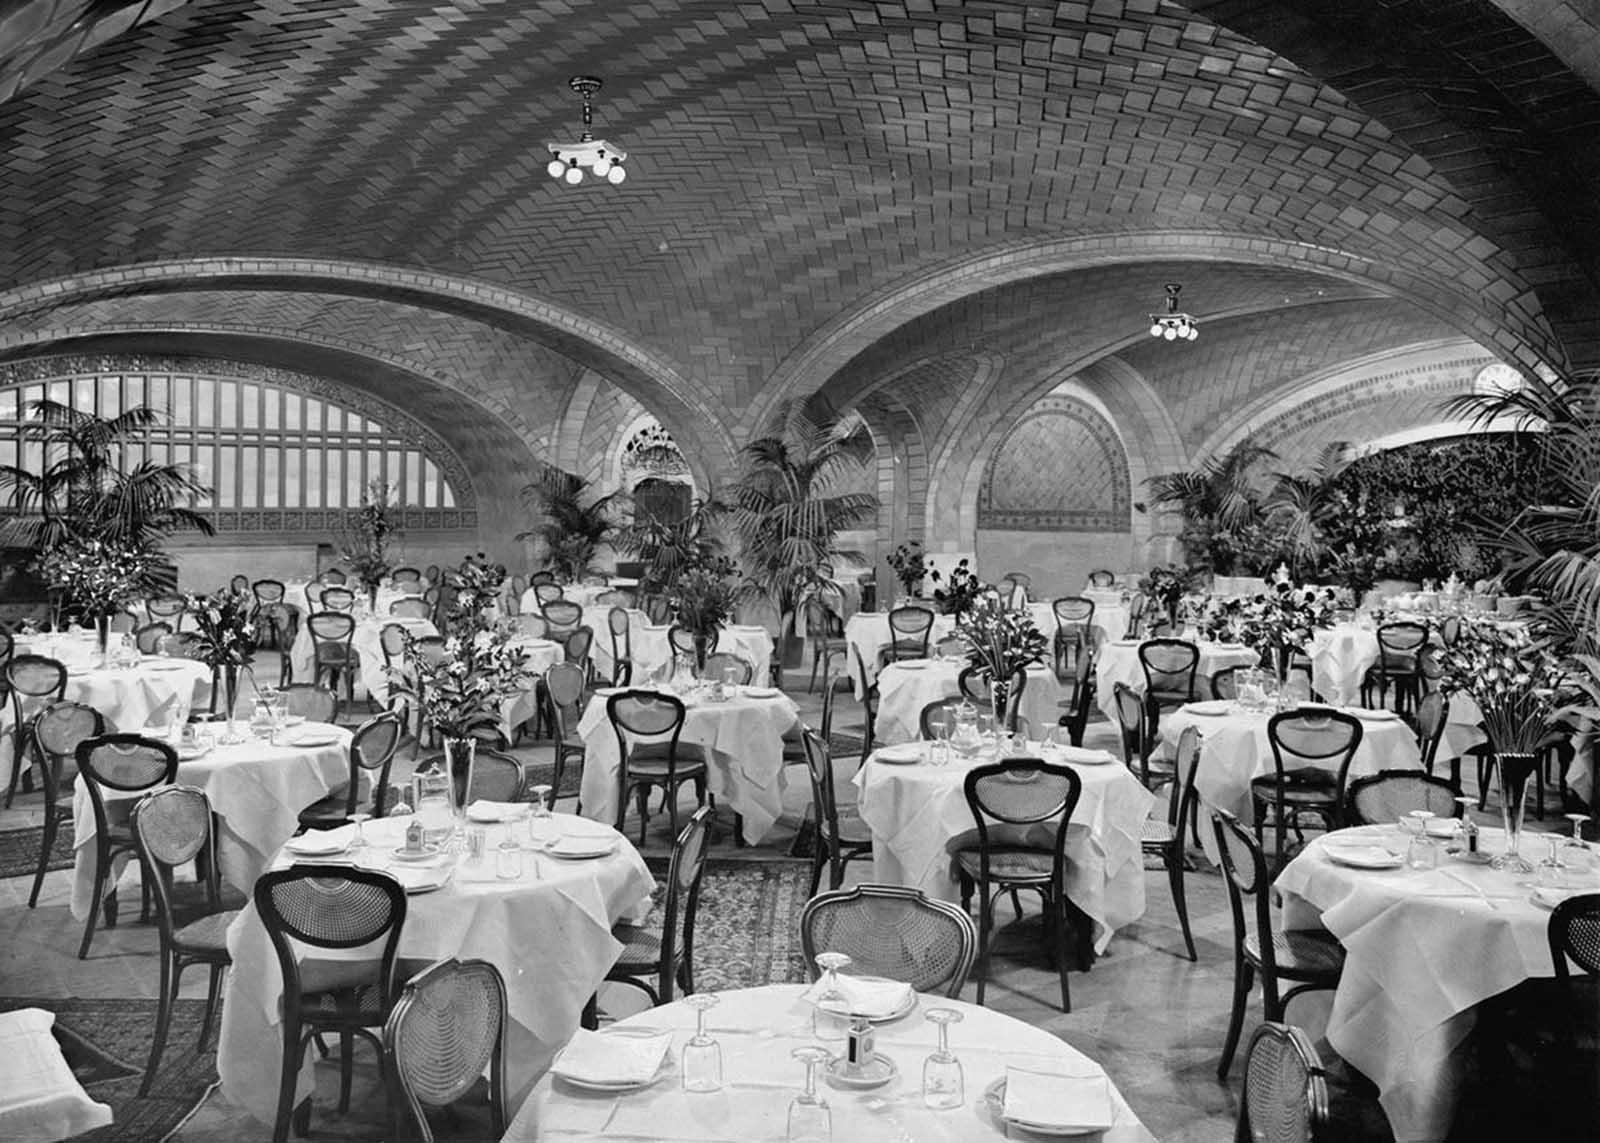 Restaurante, Grand Central Terminal, ca 1912.